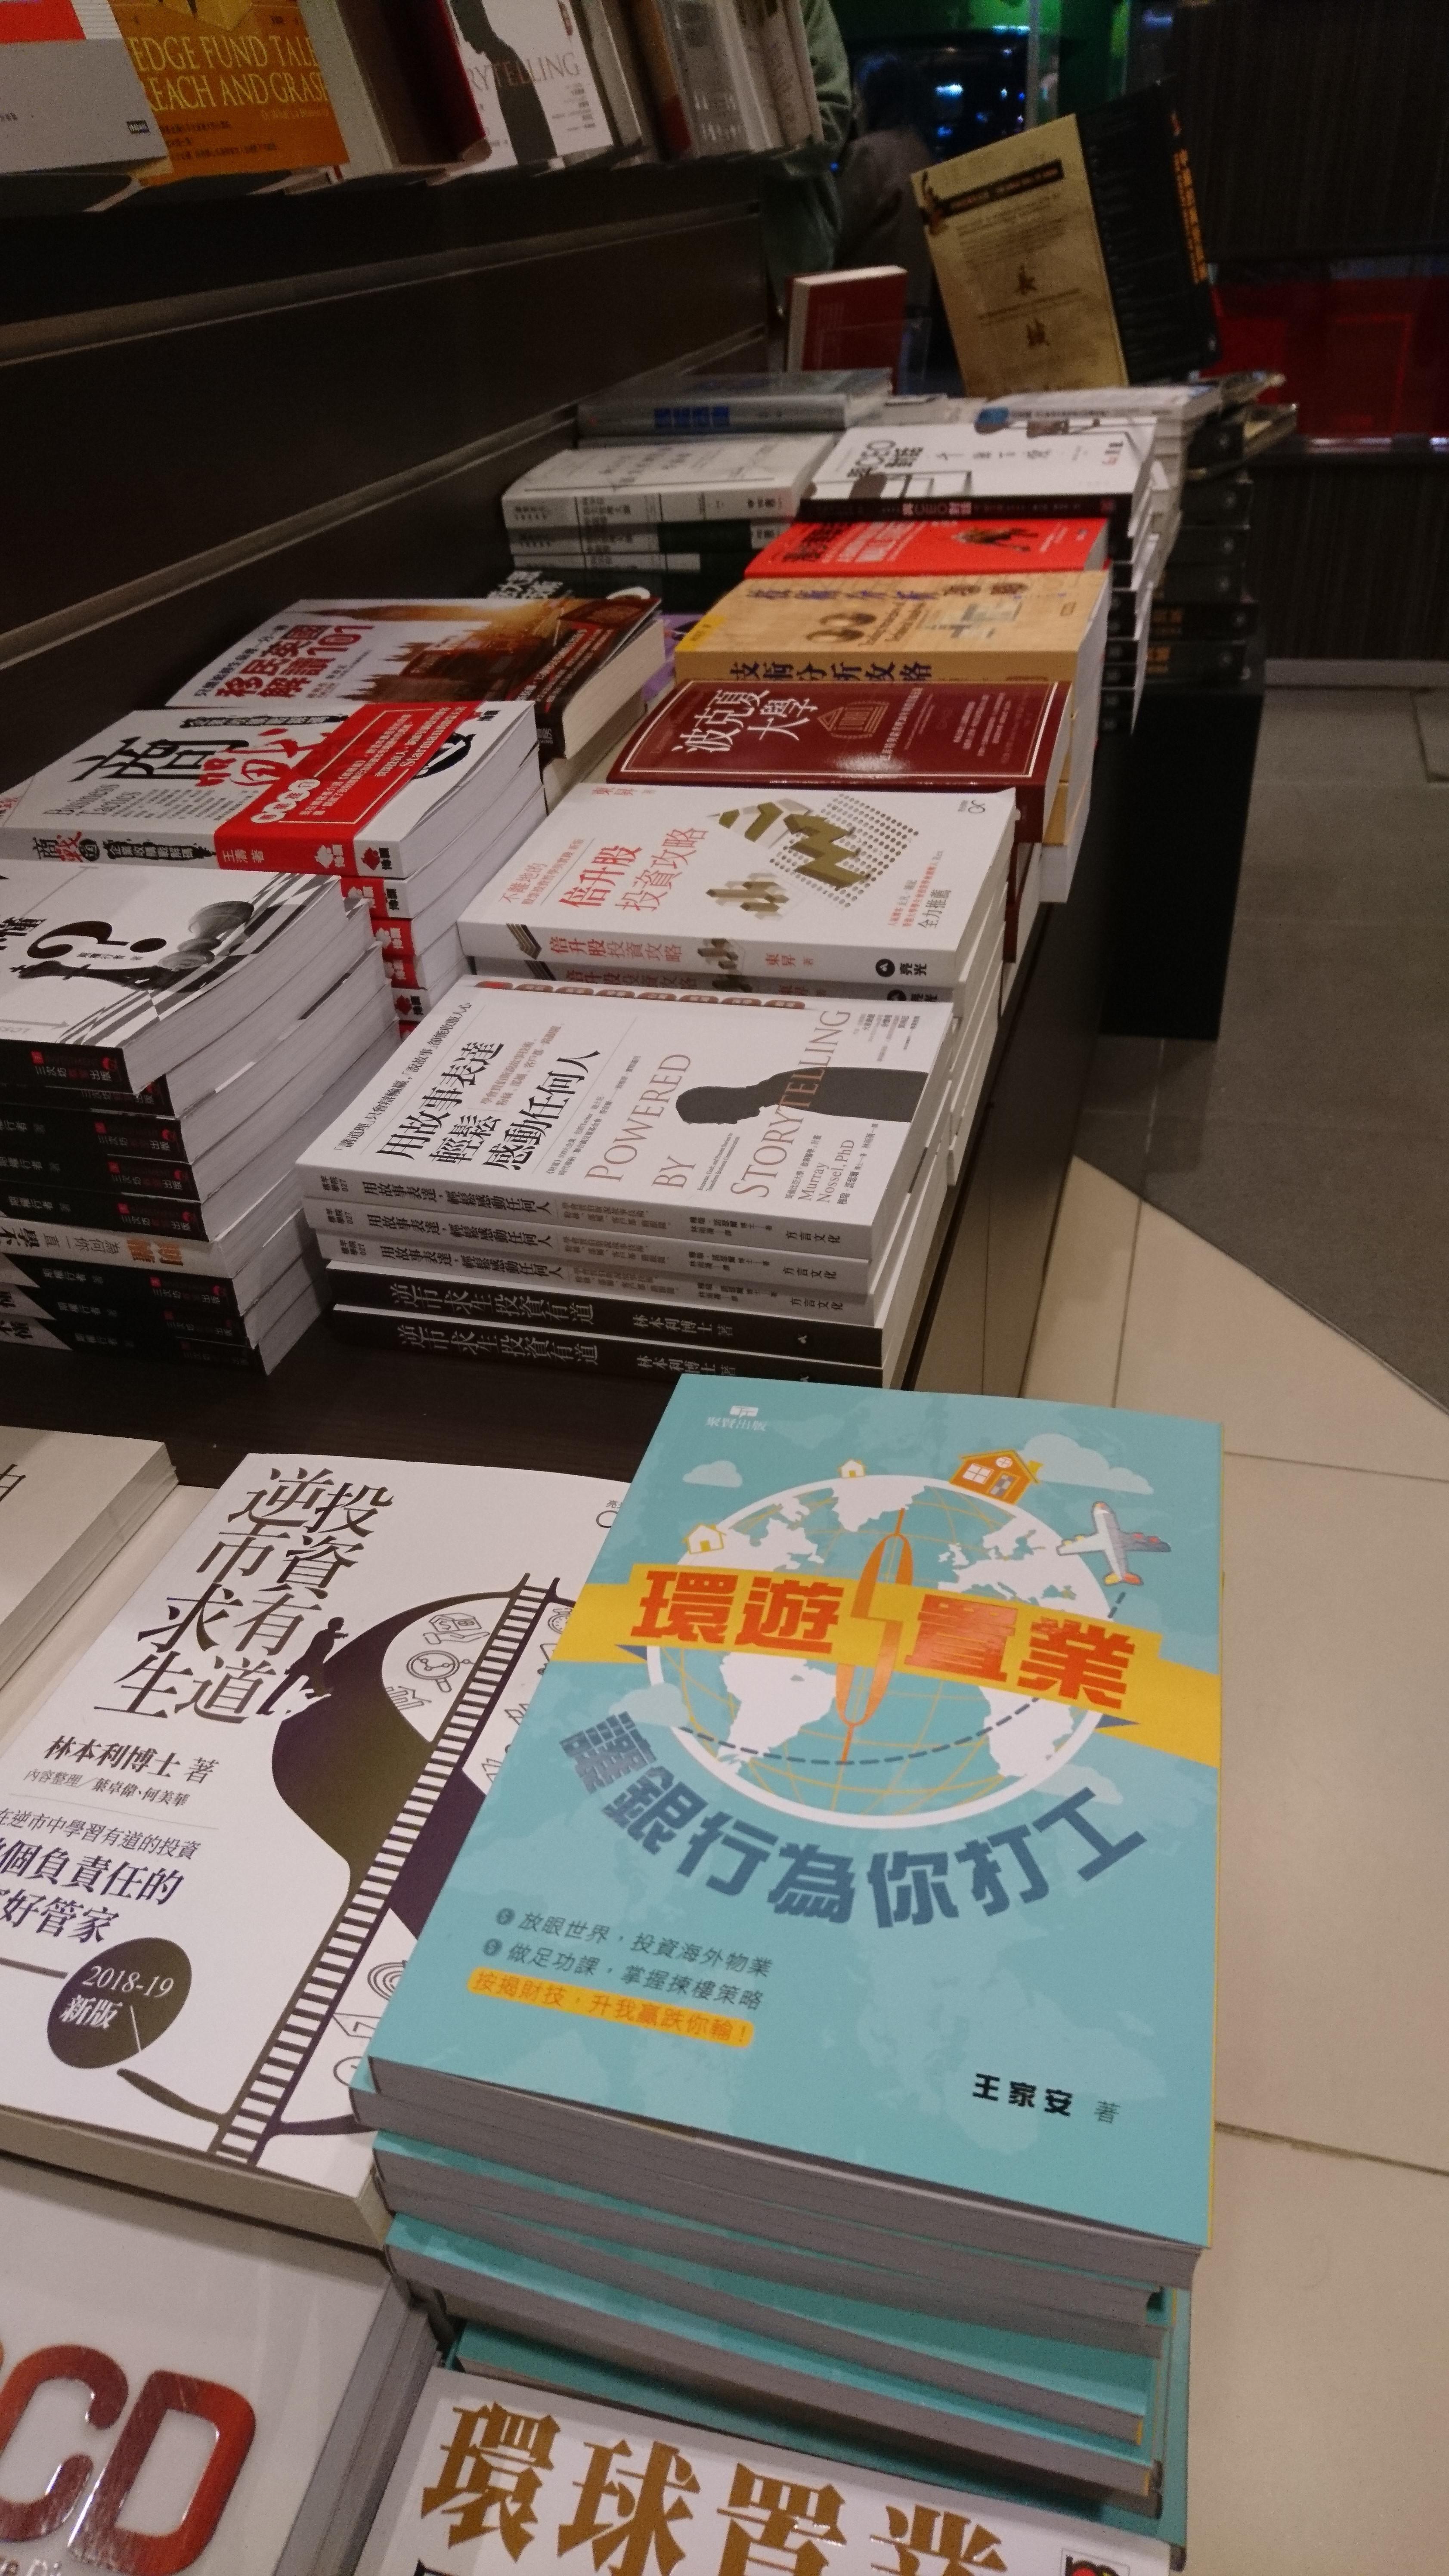 中環三聯書店